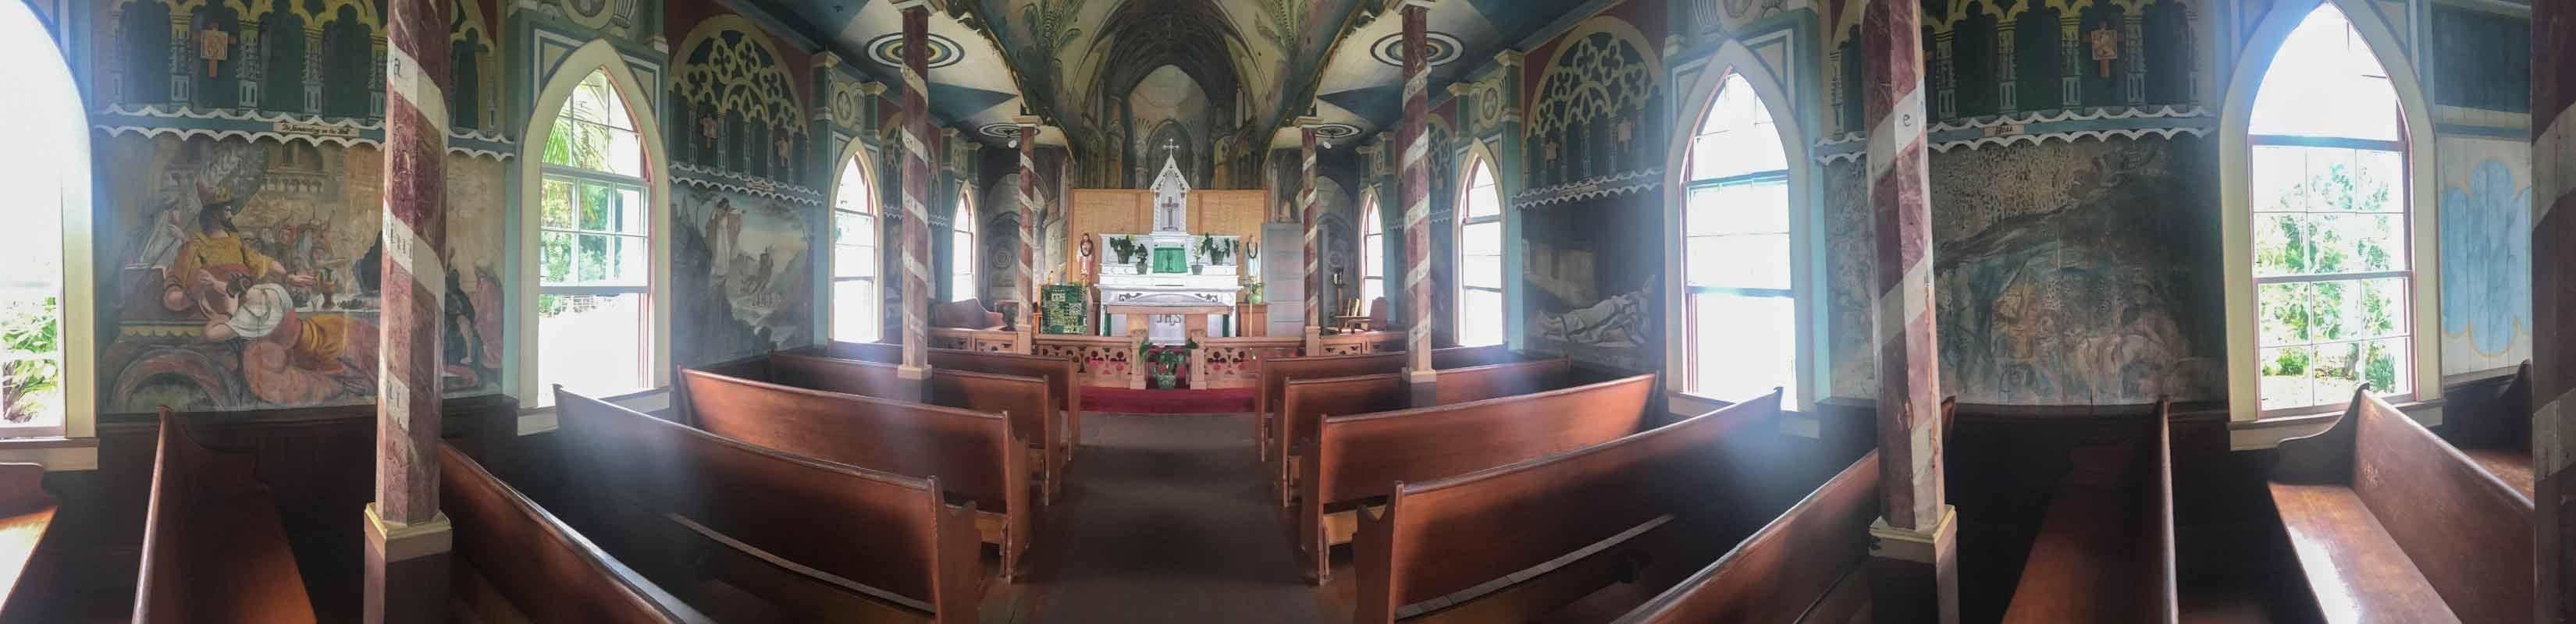 ペインテッドチャーチの聖堂内 180のパノラマビュー